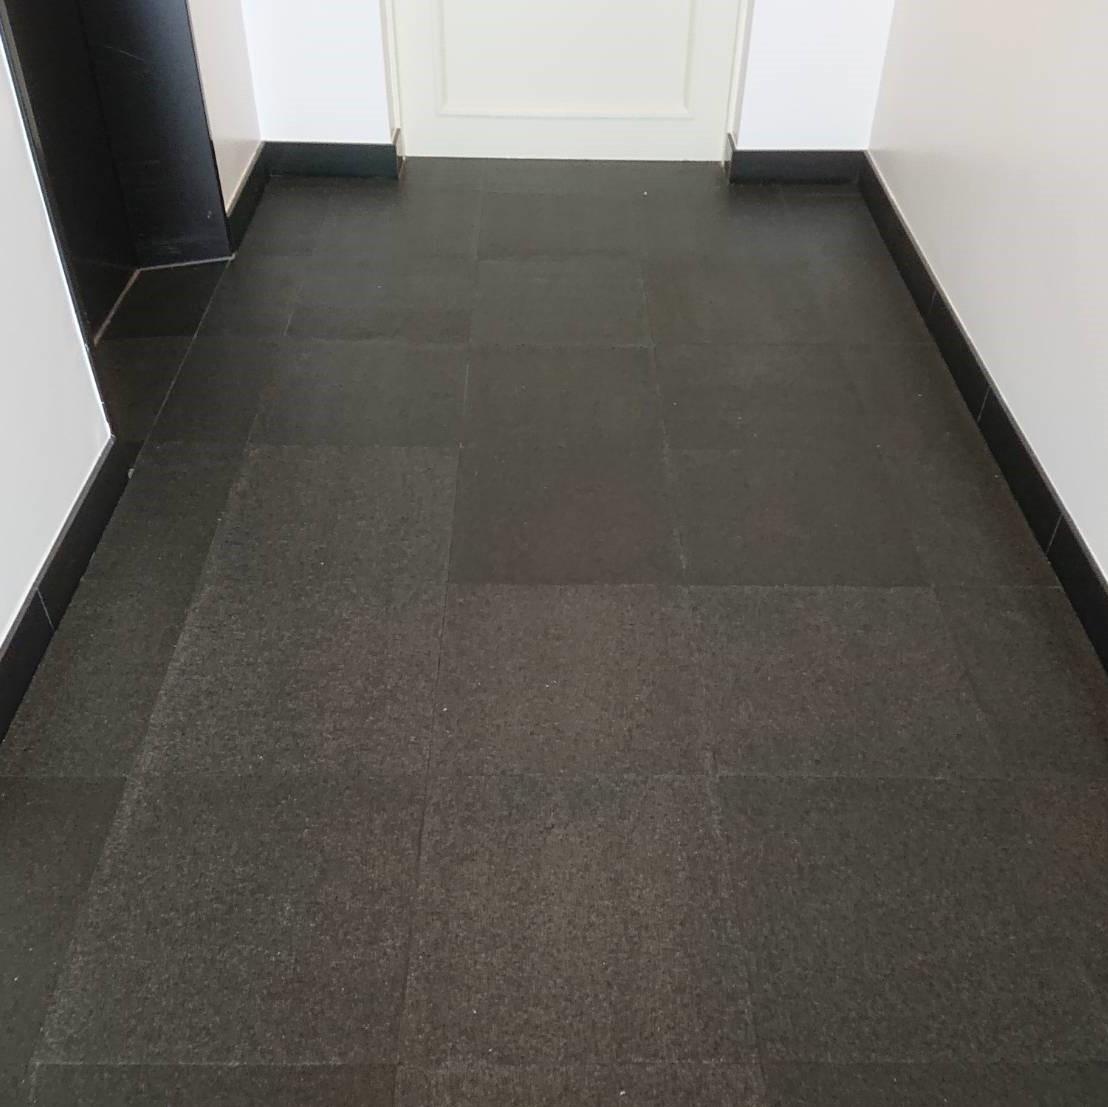 黒御影石バーナー床に油シミが・・・のサムネイル